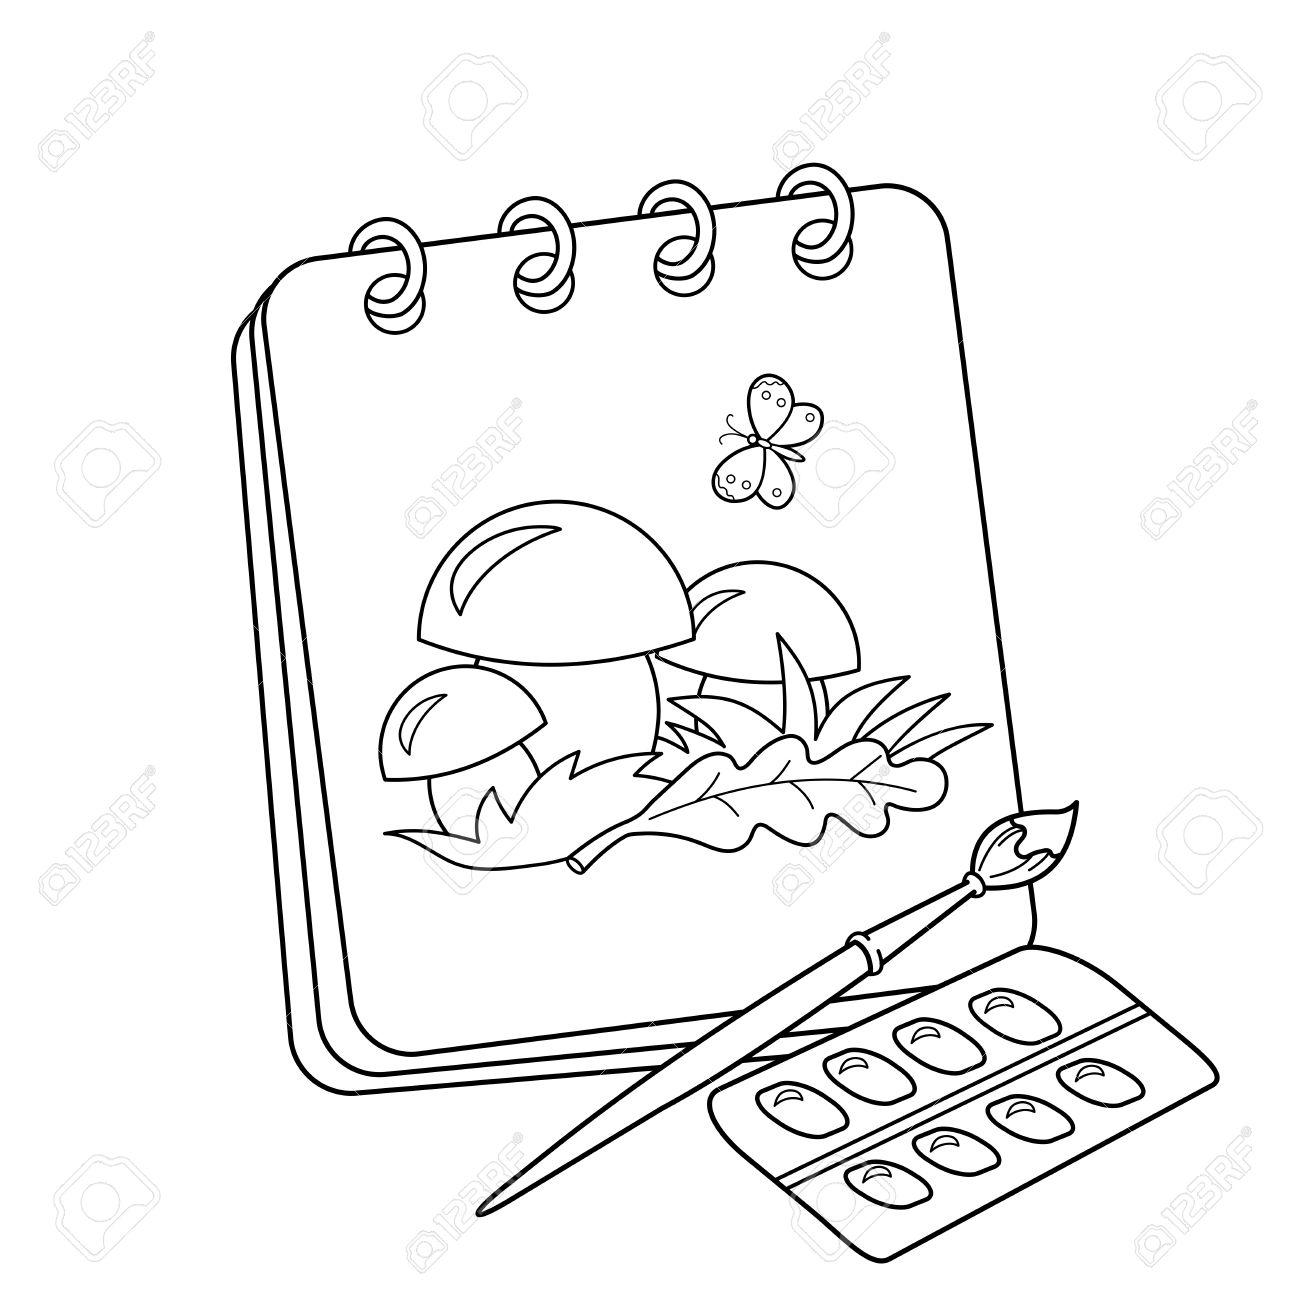 Pagina Para Colorear Esquema Del Album De Dibujos Animados O